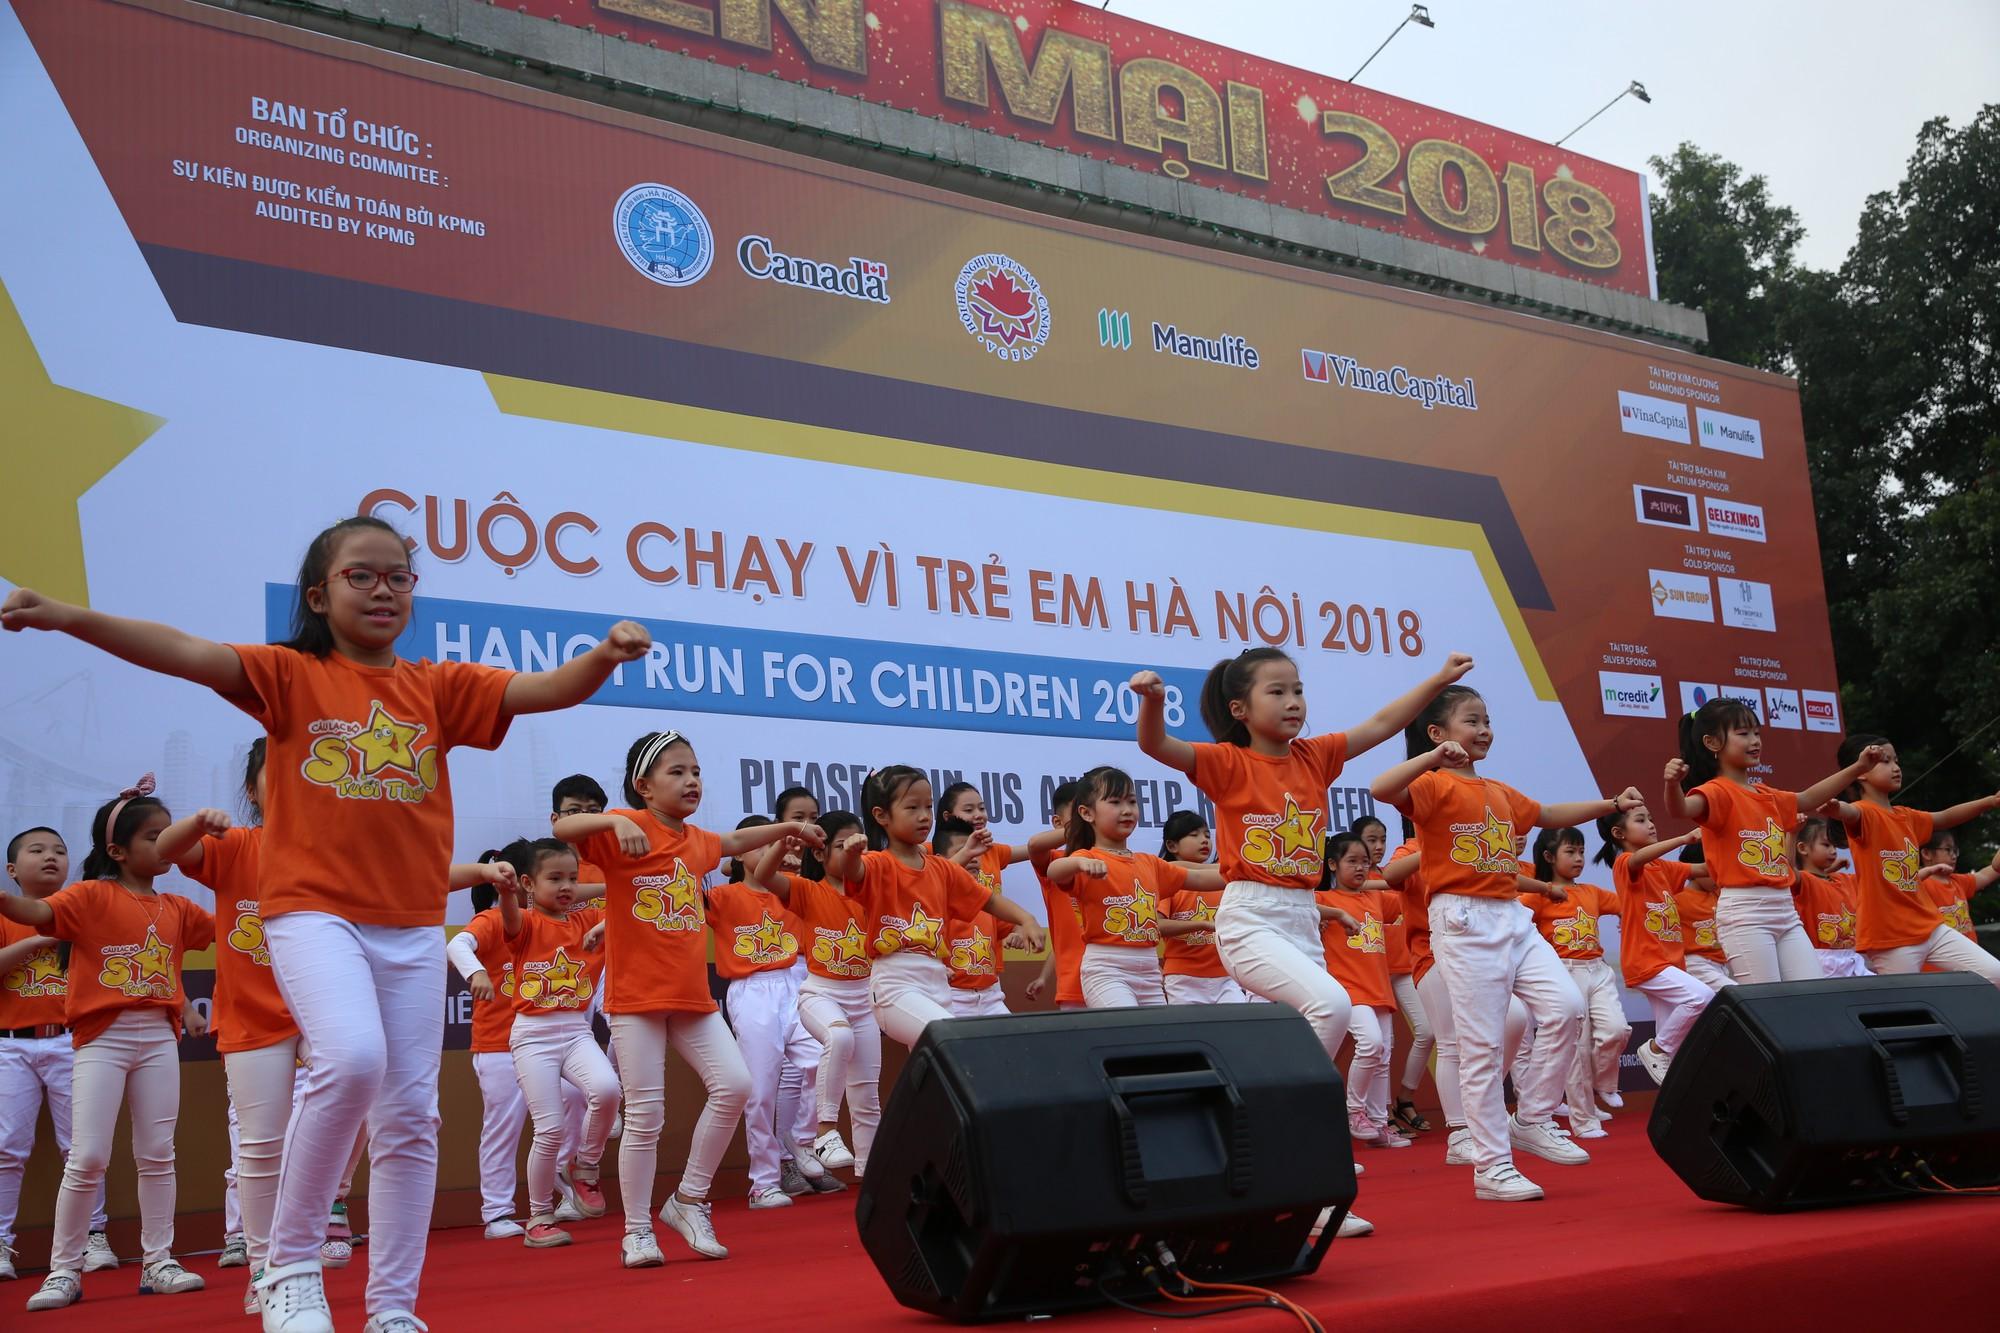 Chạy vì trẻ em Hà Nội 2018 thu hút hàng nghìn người tham dự, quyên góp hơn 1 tỷ đồng - Ảnh 9.